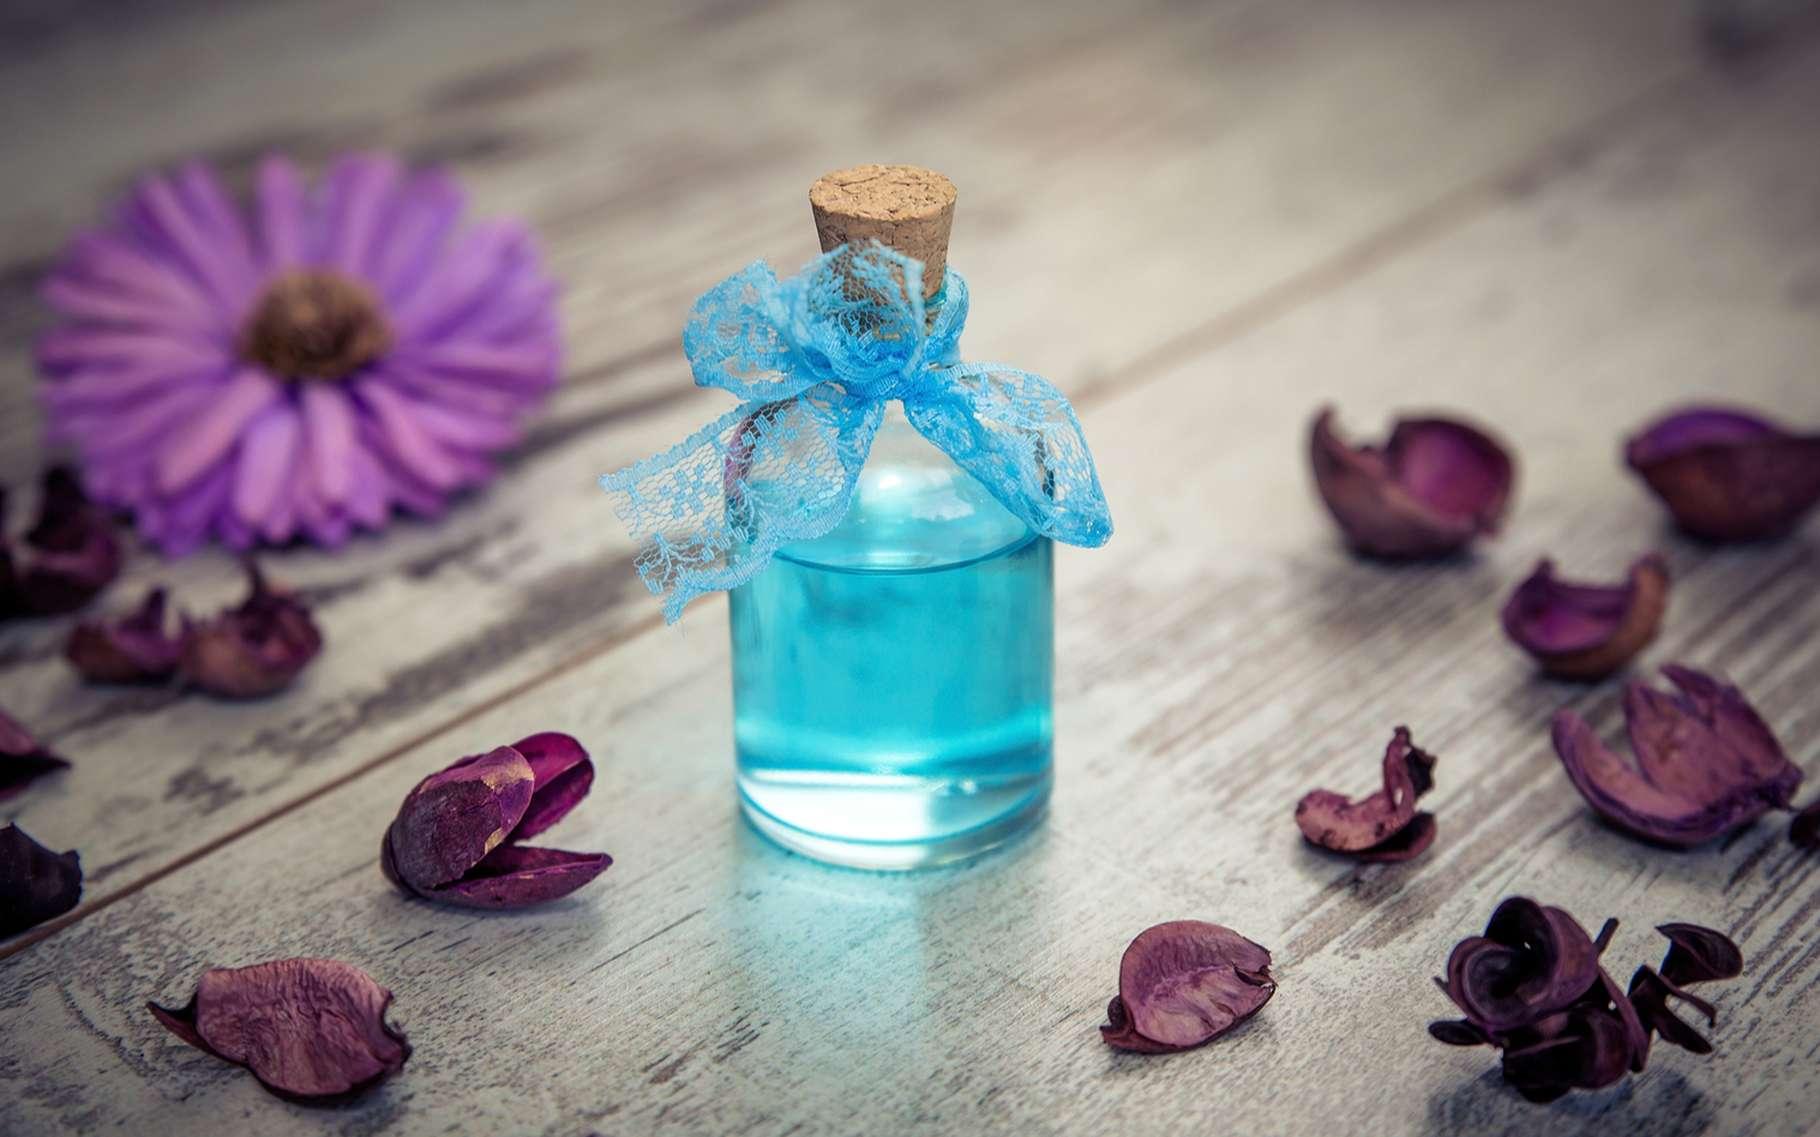 Des ingénieurs d'une société américaine espèrent ressusciter les effluves de plantes disparues pour créer des parfums aux fragrances d'antan. © irinaorel, Shutterstock